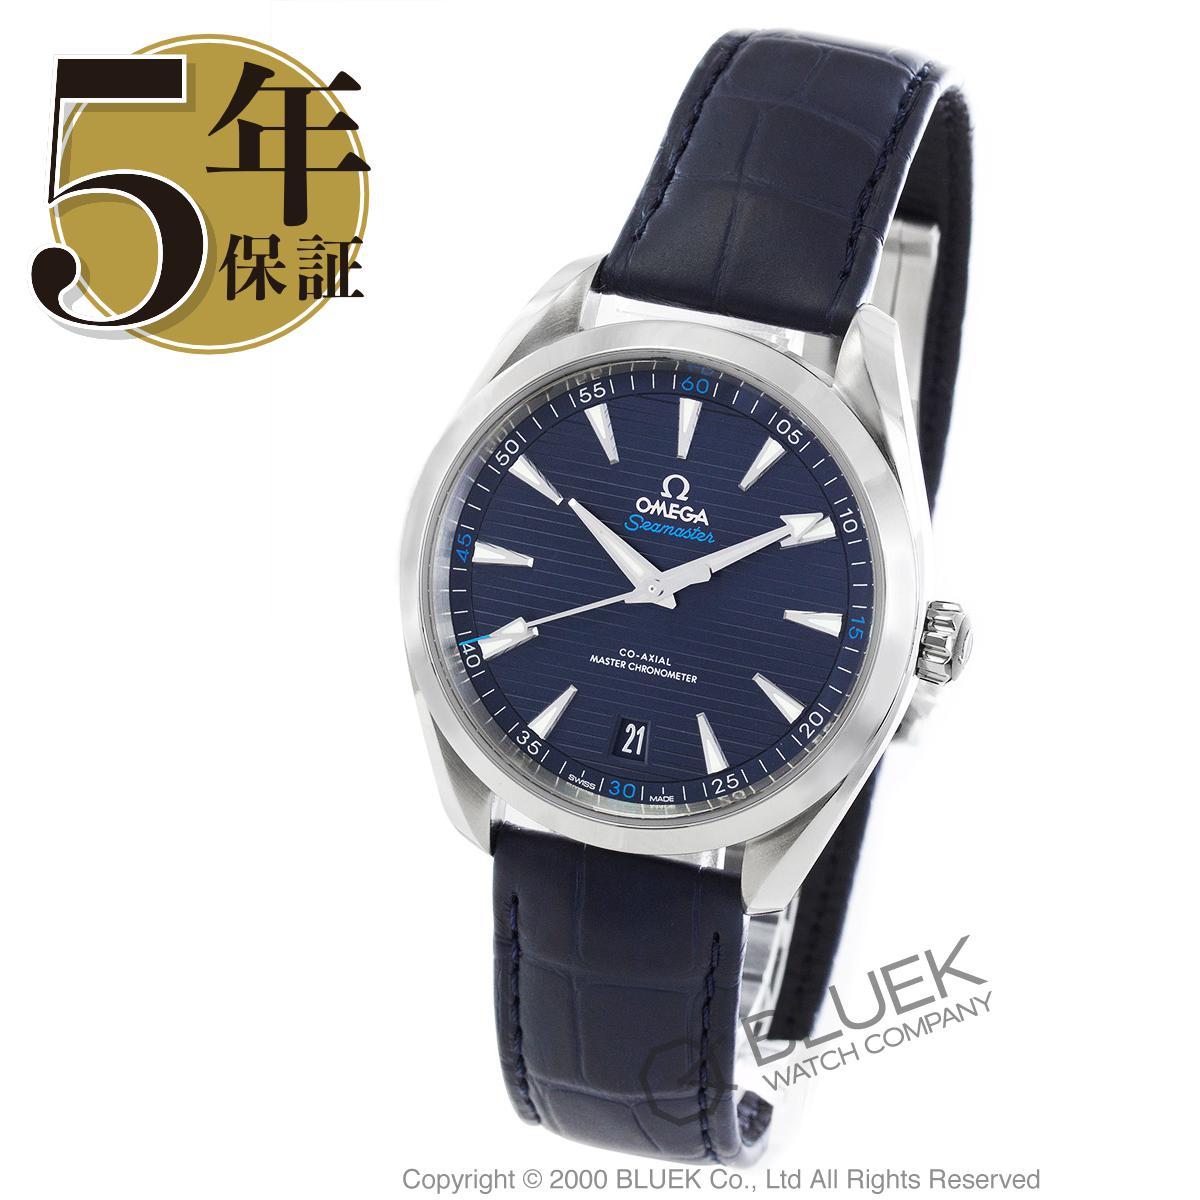 オメガ シーマスター アクアテラ アリゲーターレザー マスタークロノメーター 腕時計 メンズ OMEGA 220.13.41.21.03.001_5